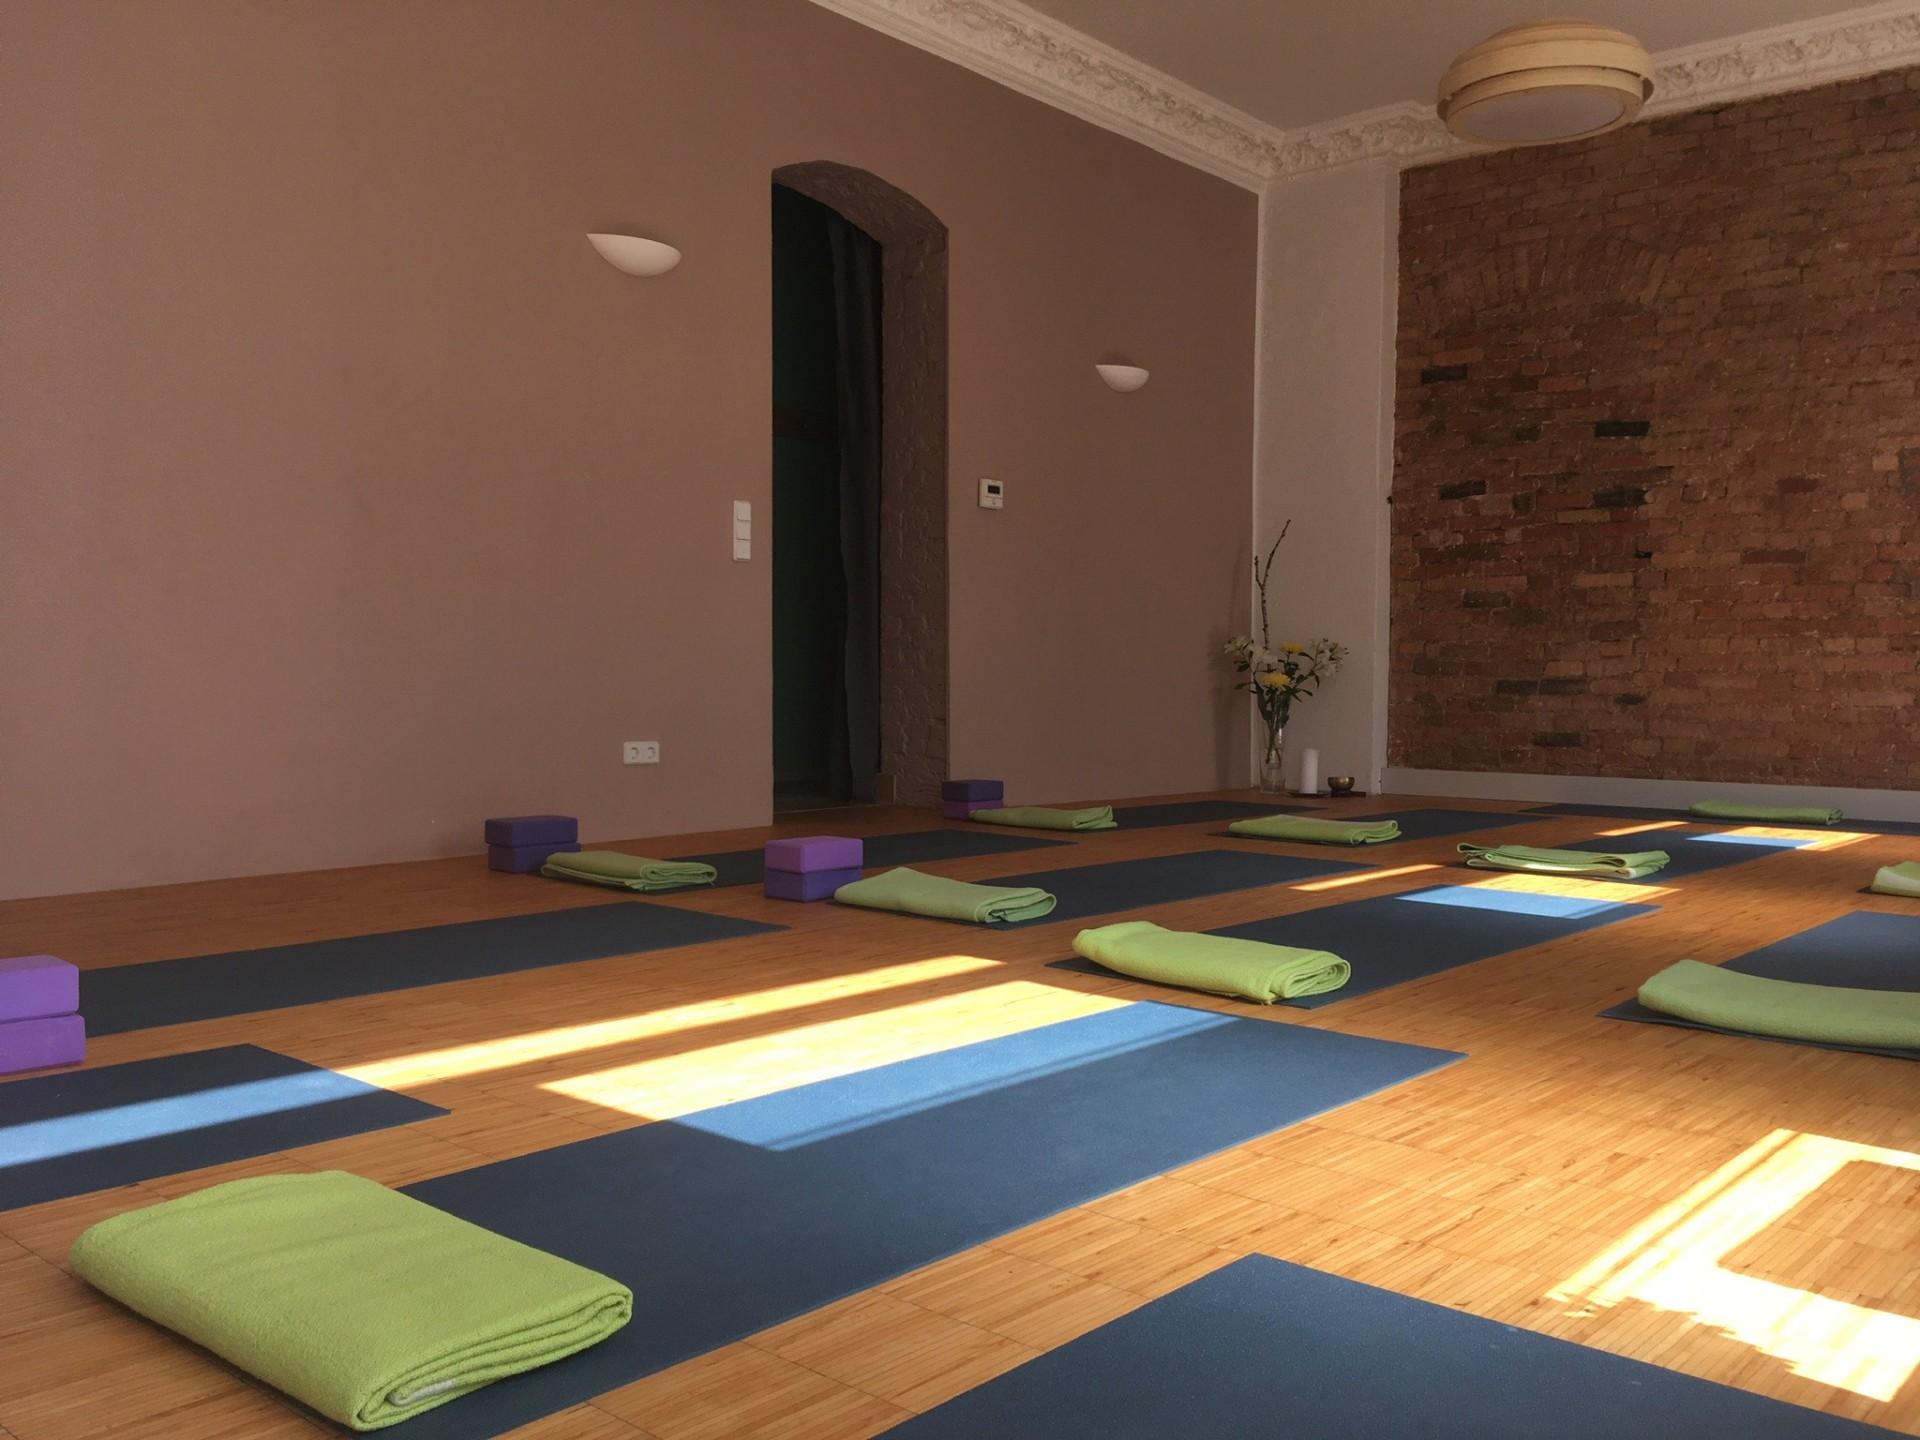 Großer Raum mit Backsteinwand und vielen yogamatten mit bunten Decken.